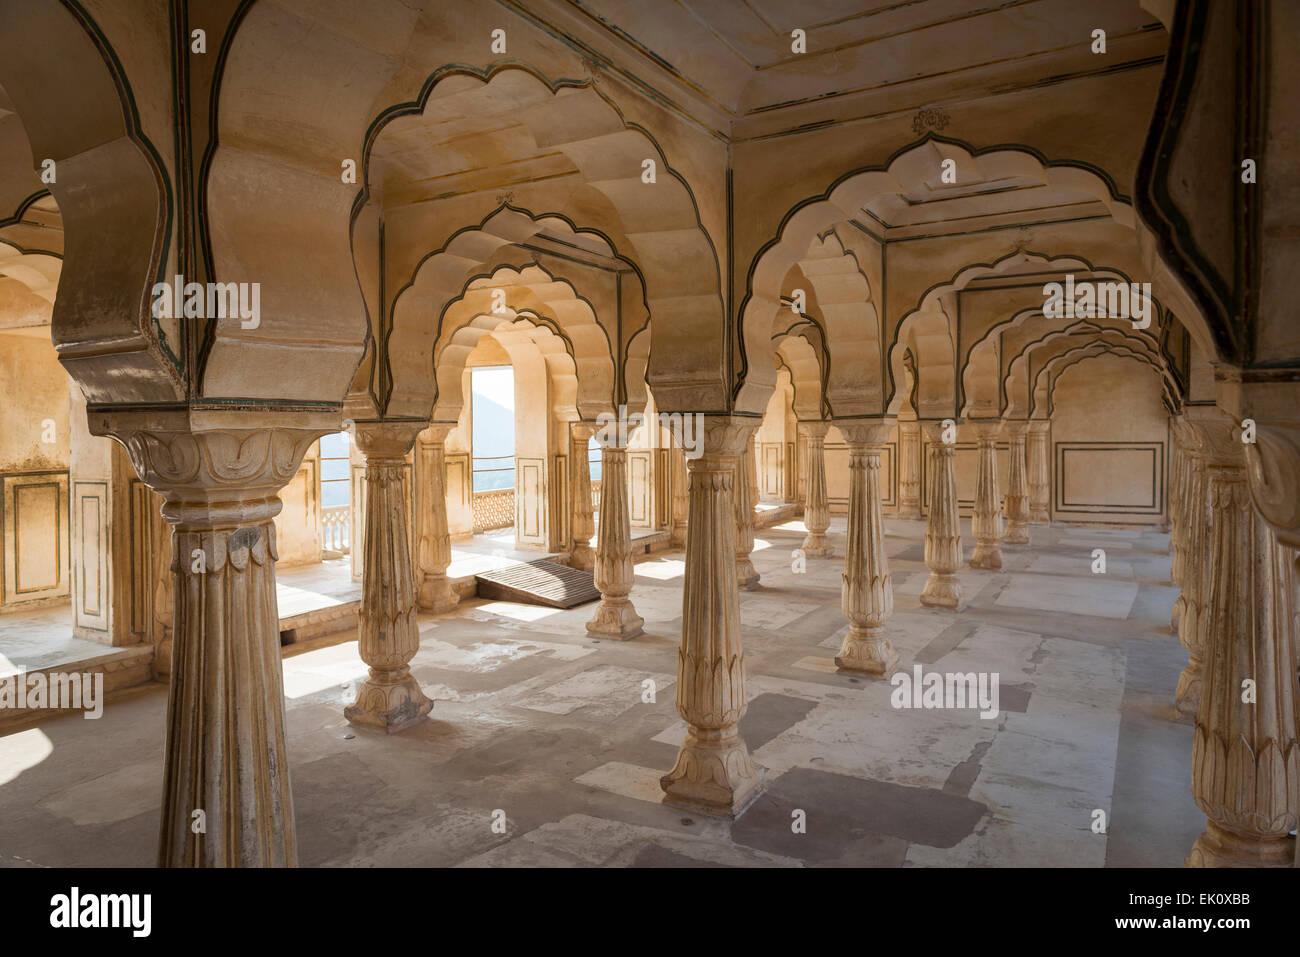 Un espace à colonnades à Fort Amber Palace près de Jaipur, Rajasthan, Inde Photo Stock